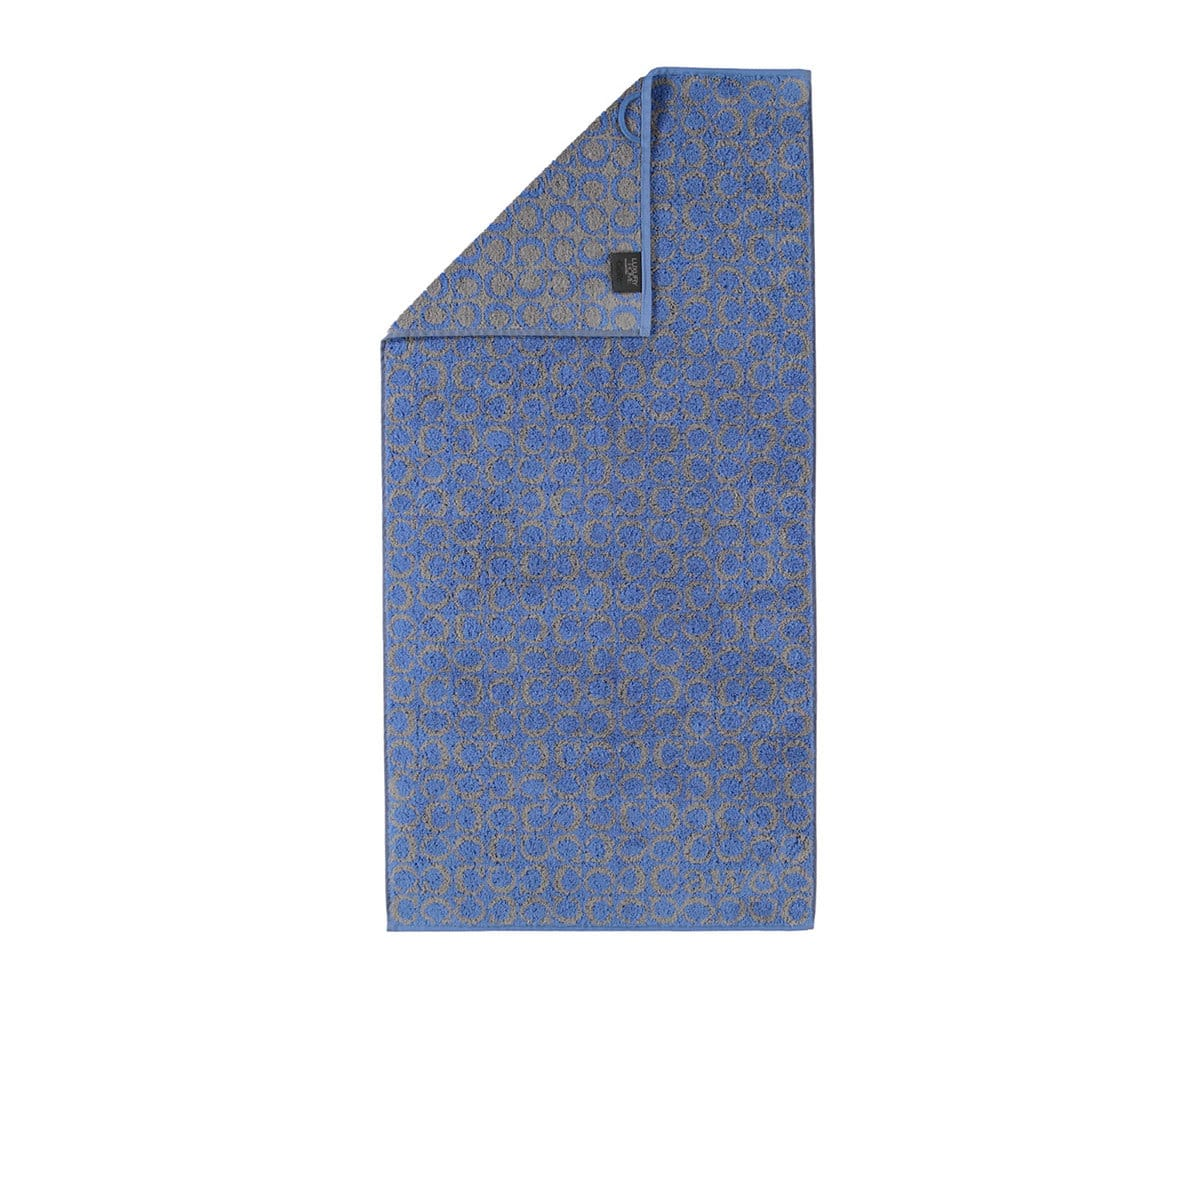 caw handt cher 605 two tone c allover blau g nstig online kaufen bei bettwaren shop. Black Bedroom Furniture Sets. Home Design Ideas